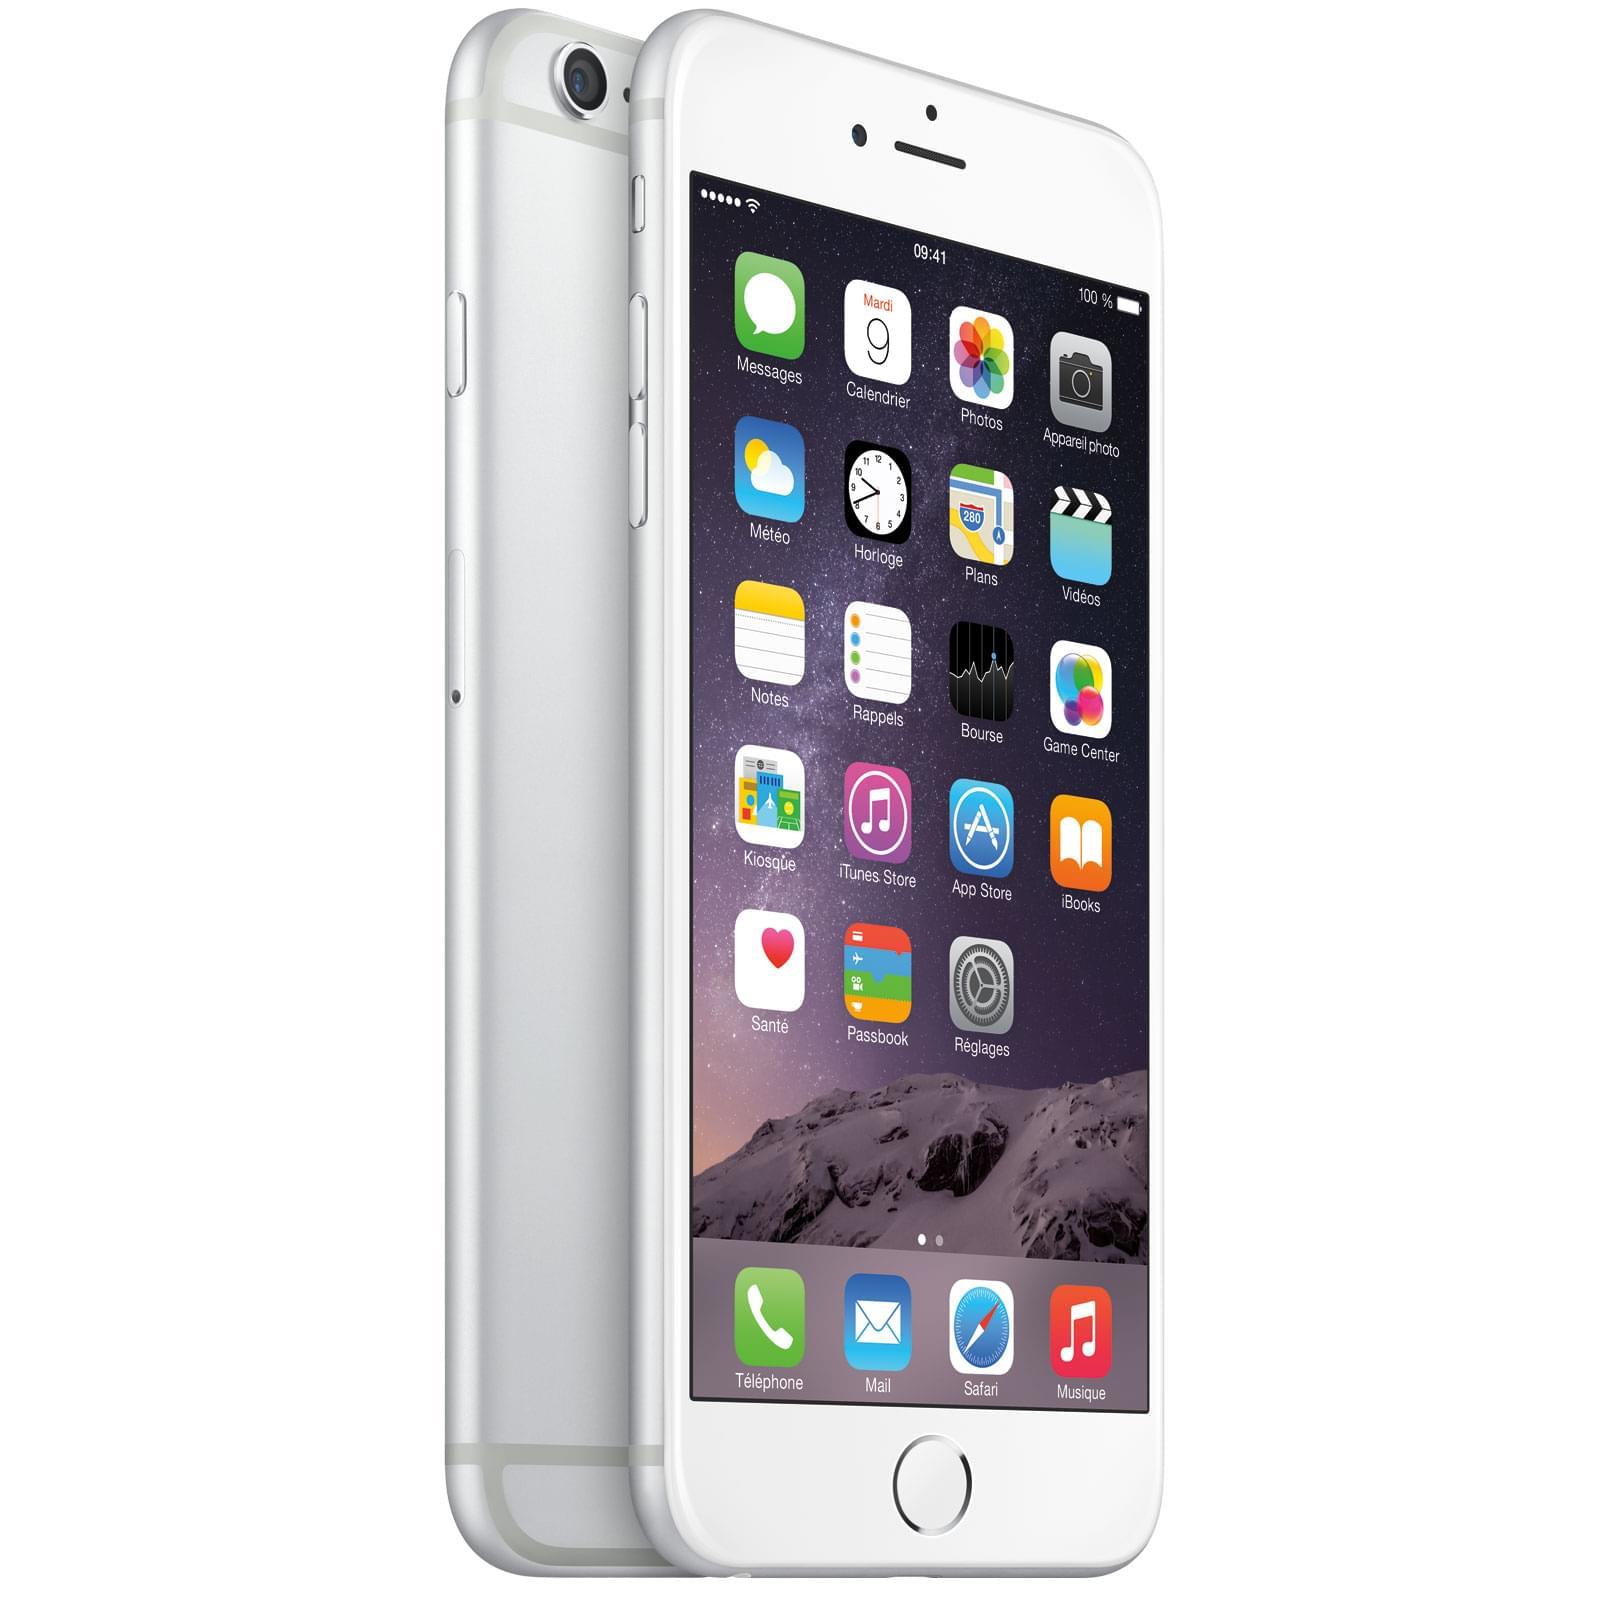 Apple iPhone 6 Plus 16Go Argent (MGA92ZD/A soldé) - Achat / Vente Téléphonie sur Cybertek.fr - 0